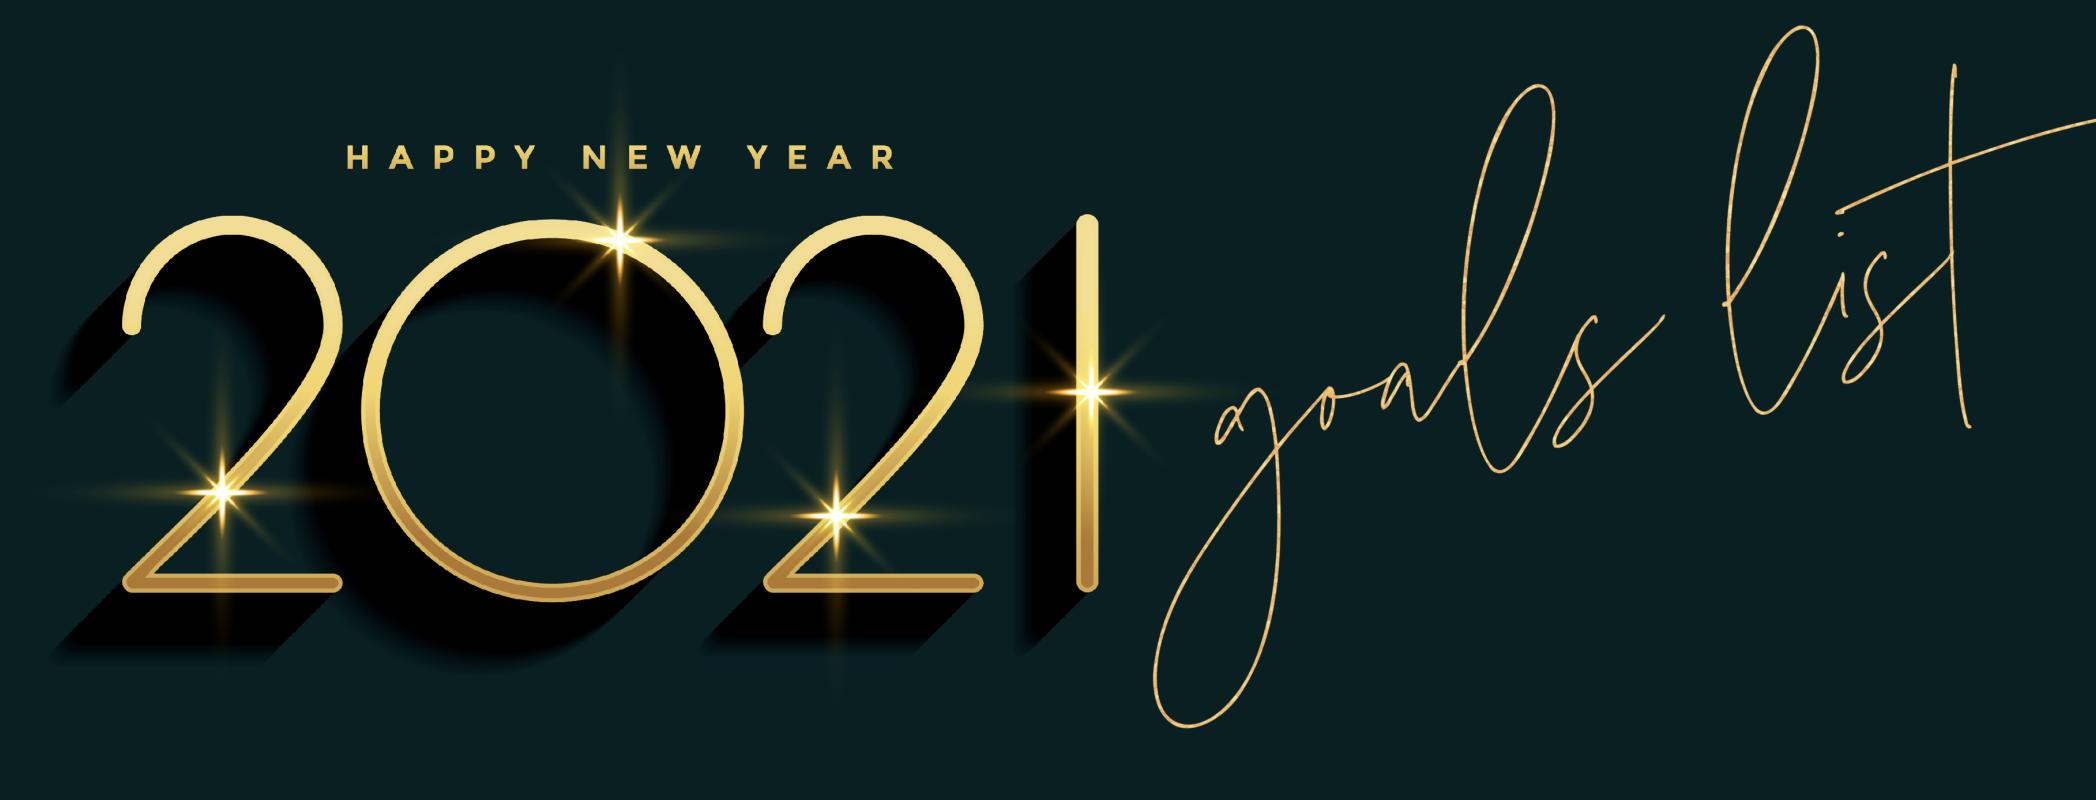 2021 GOALS LIST